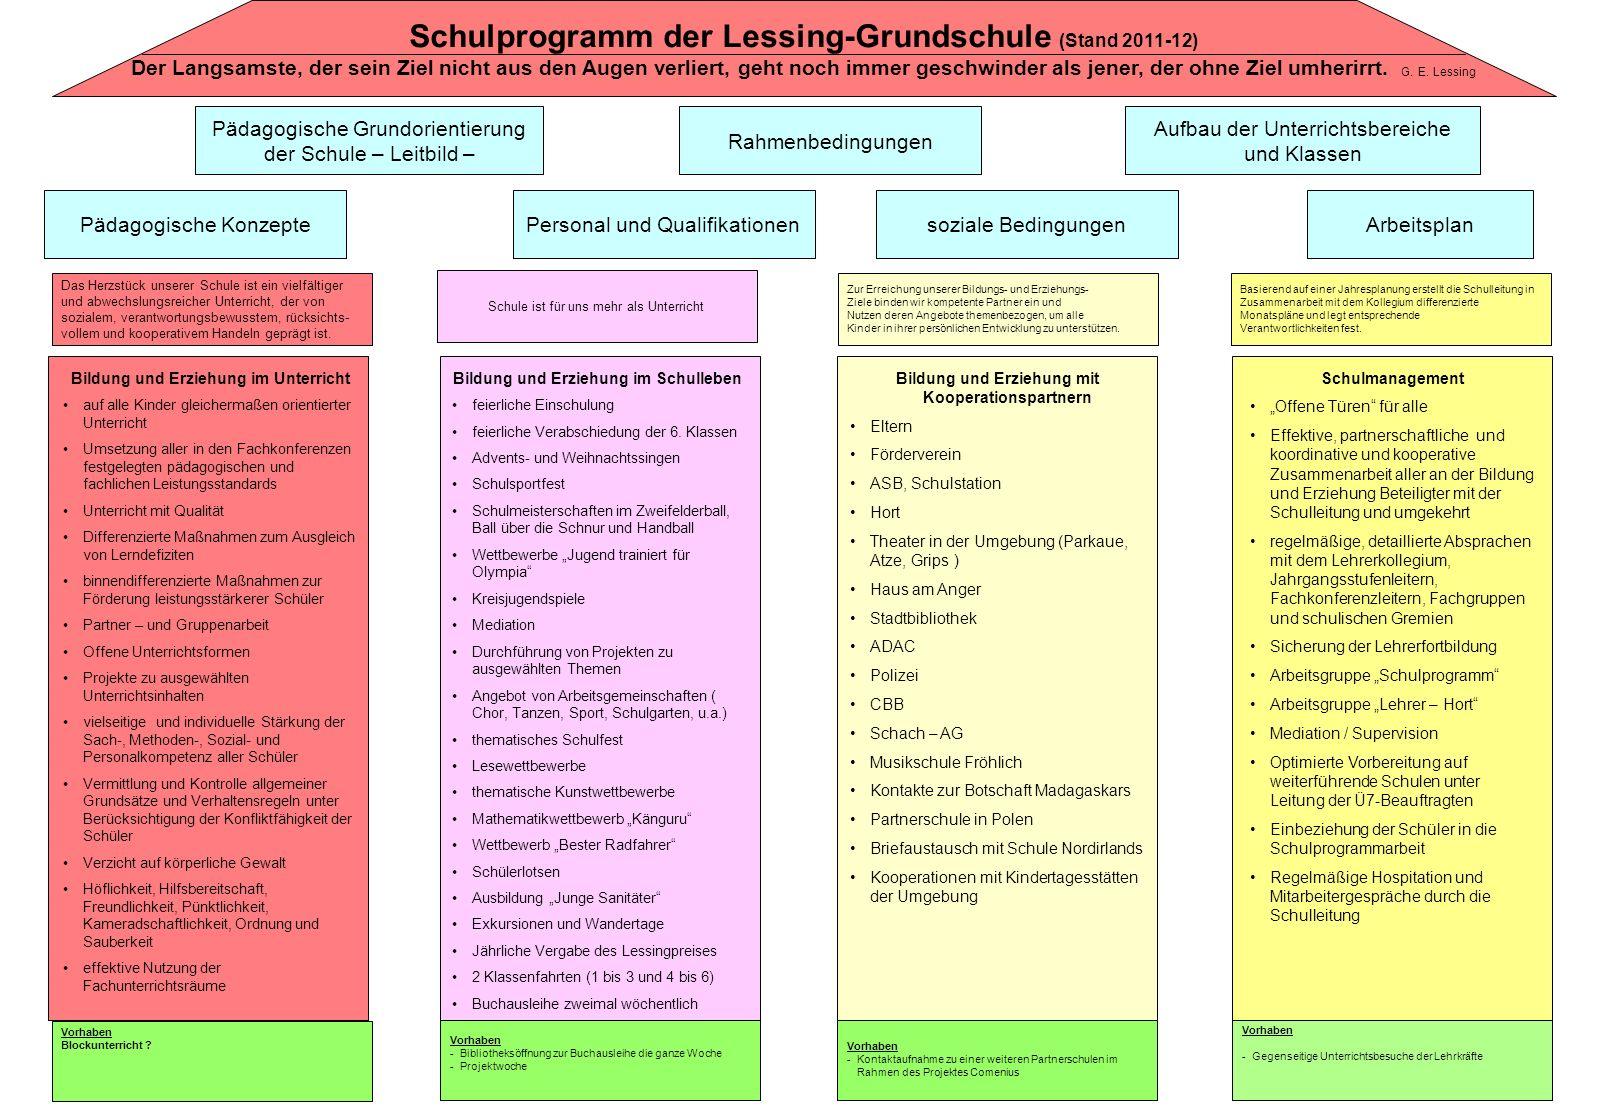 Schulprogramm der Lessing-Grundschule (Stand 2011-12)